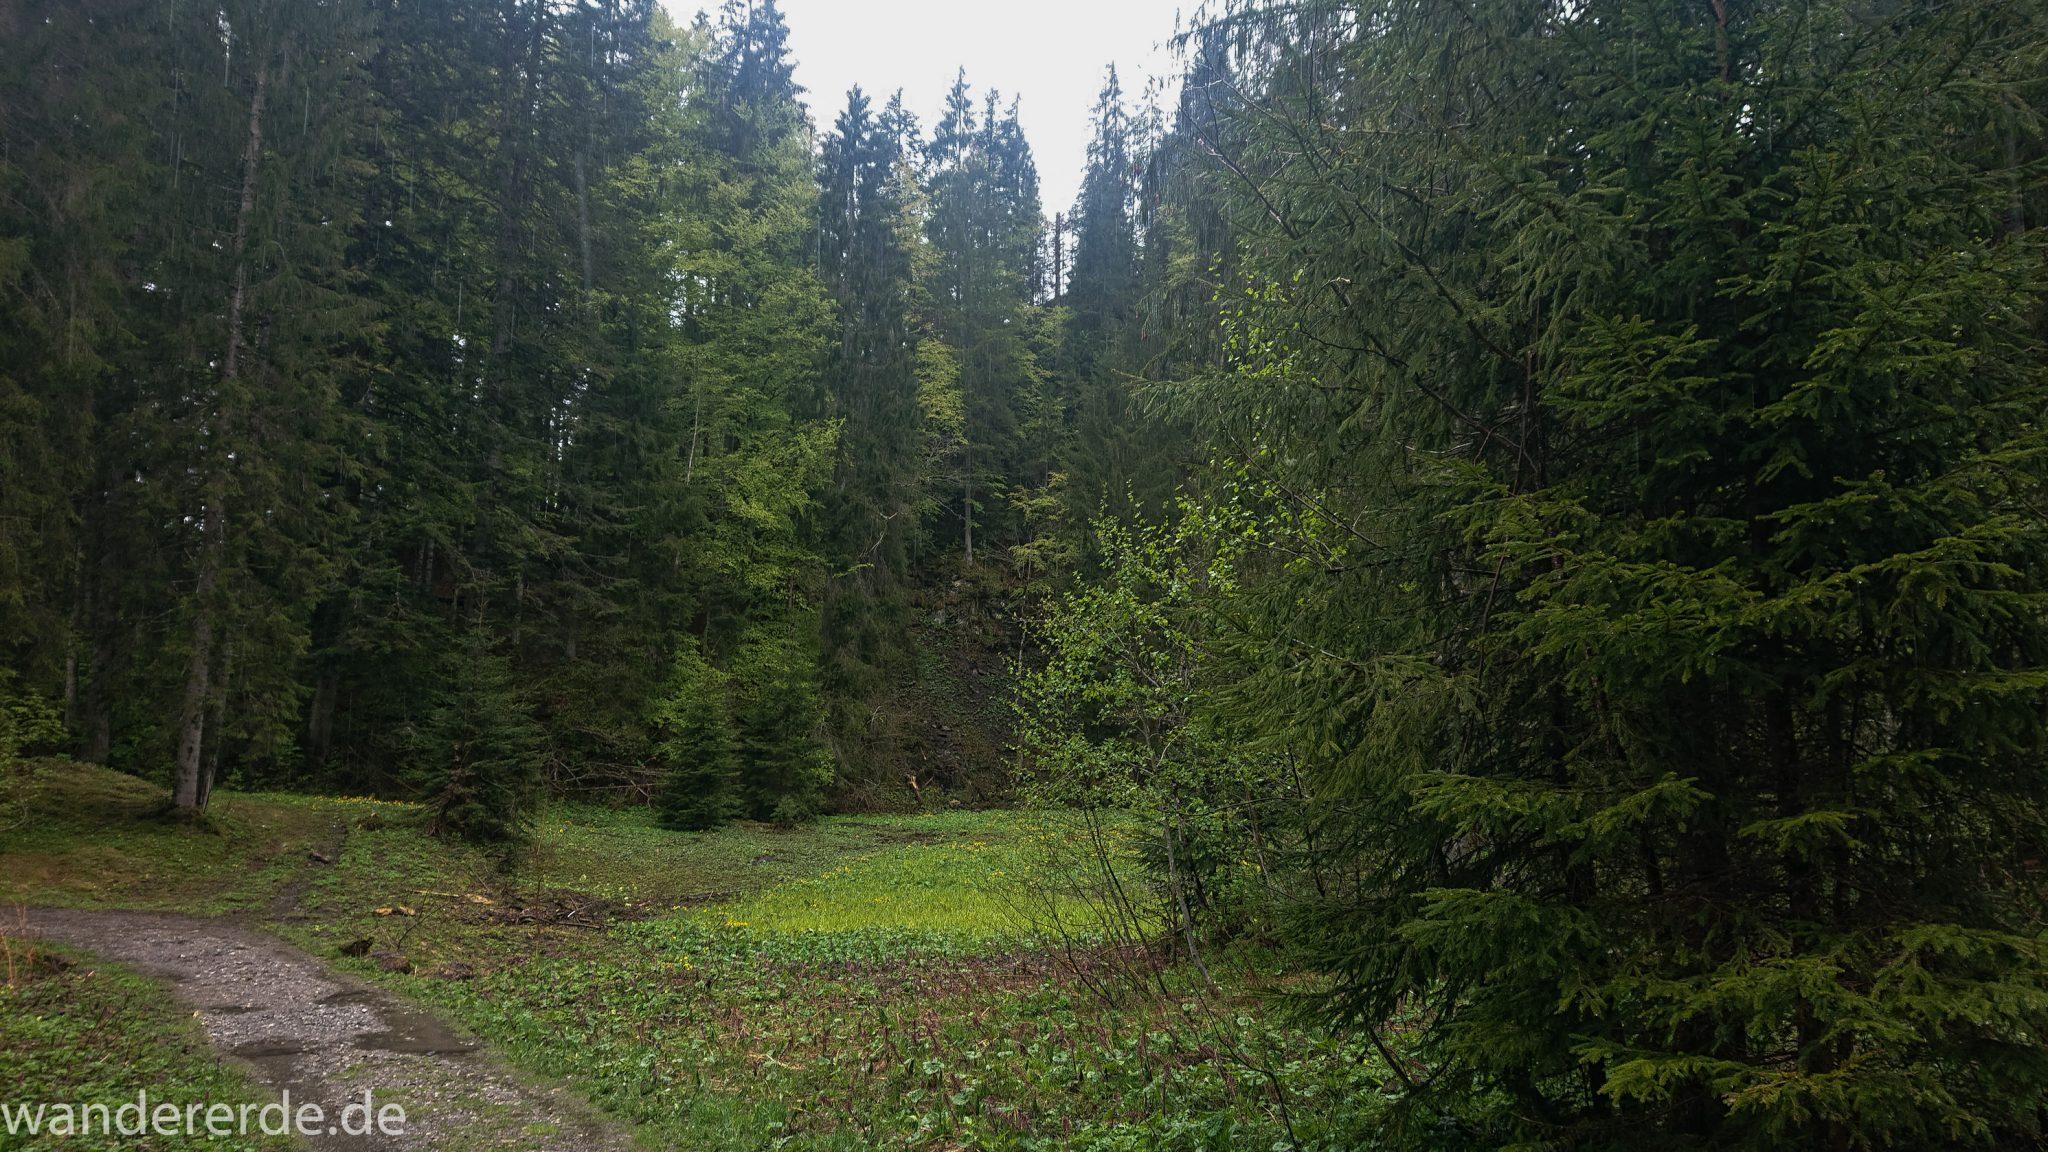 Wanderung bei der Breitachklamm im Allgäu, tosende Breitach nach starkem Regen, Fluss umgeben von schönem Wald, Wanderweg zum Waldhaus, Schneeschmelze im Allgäu